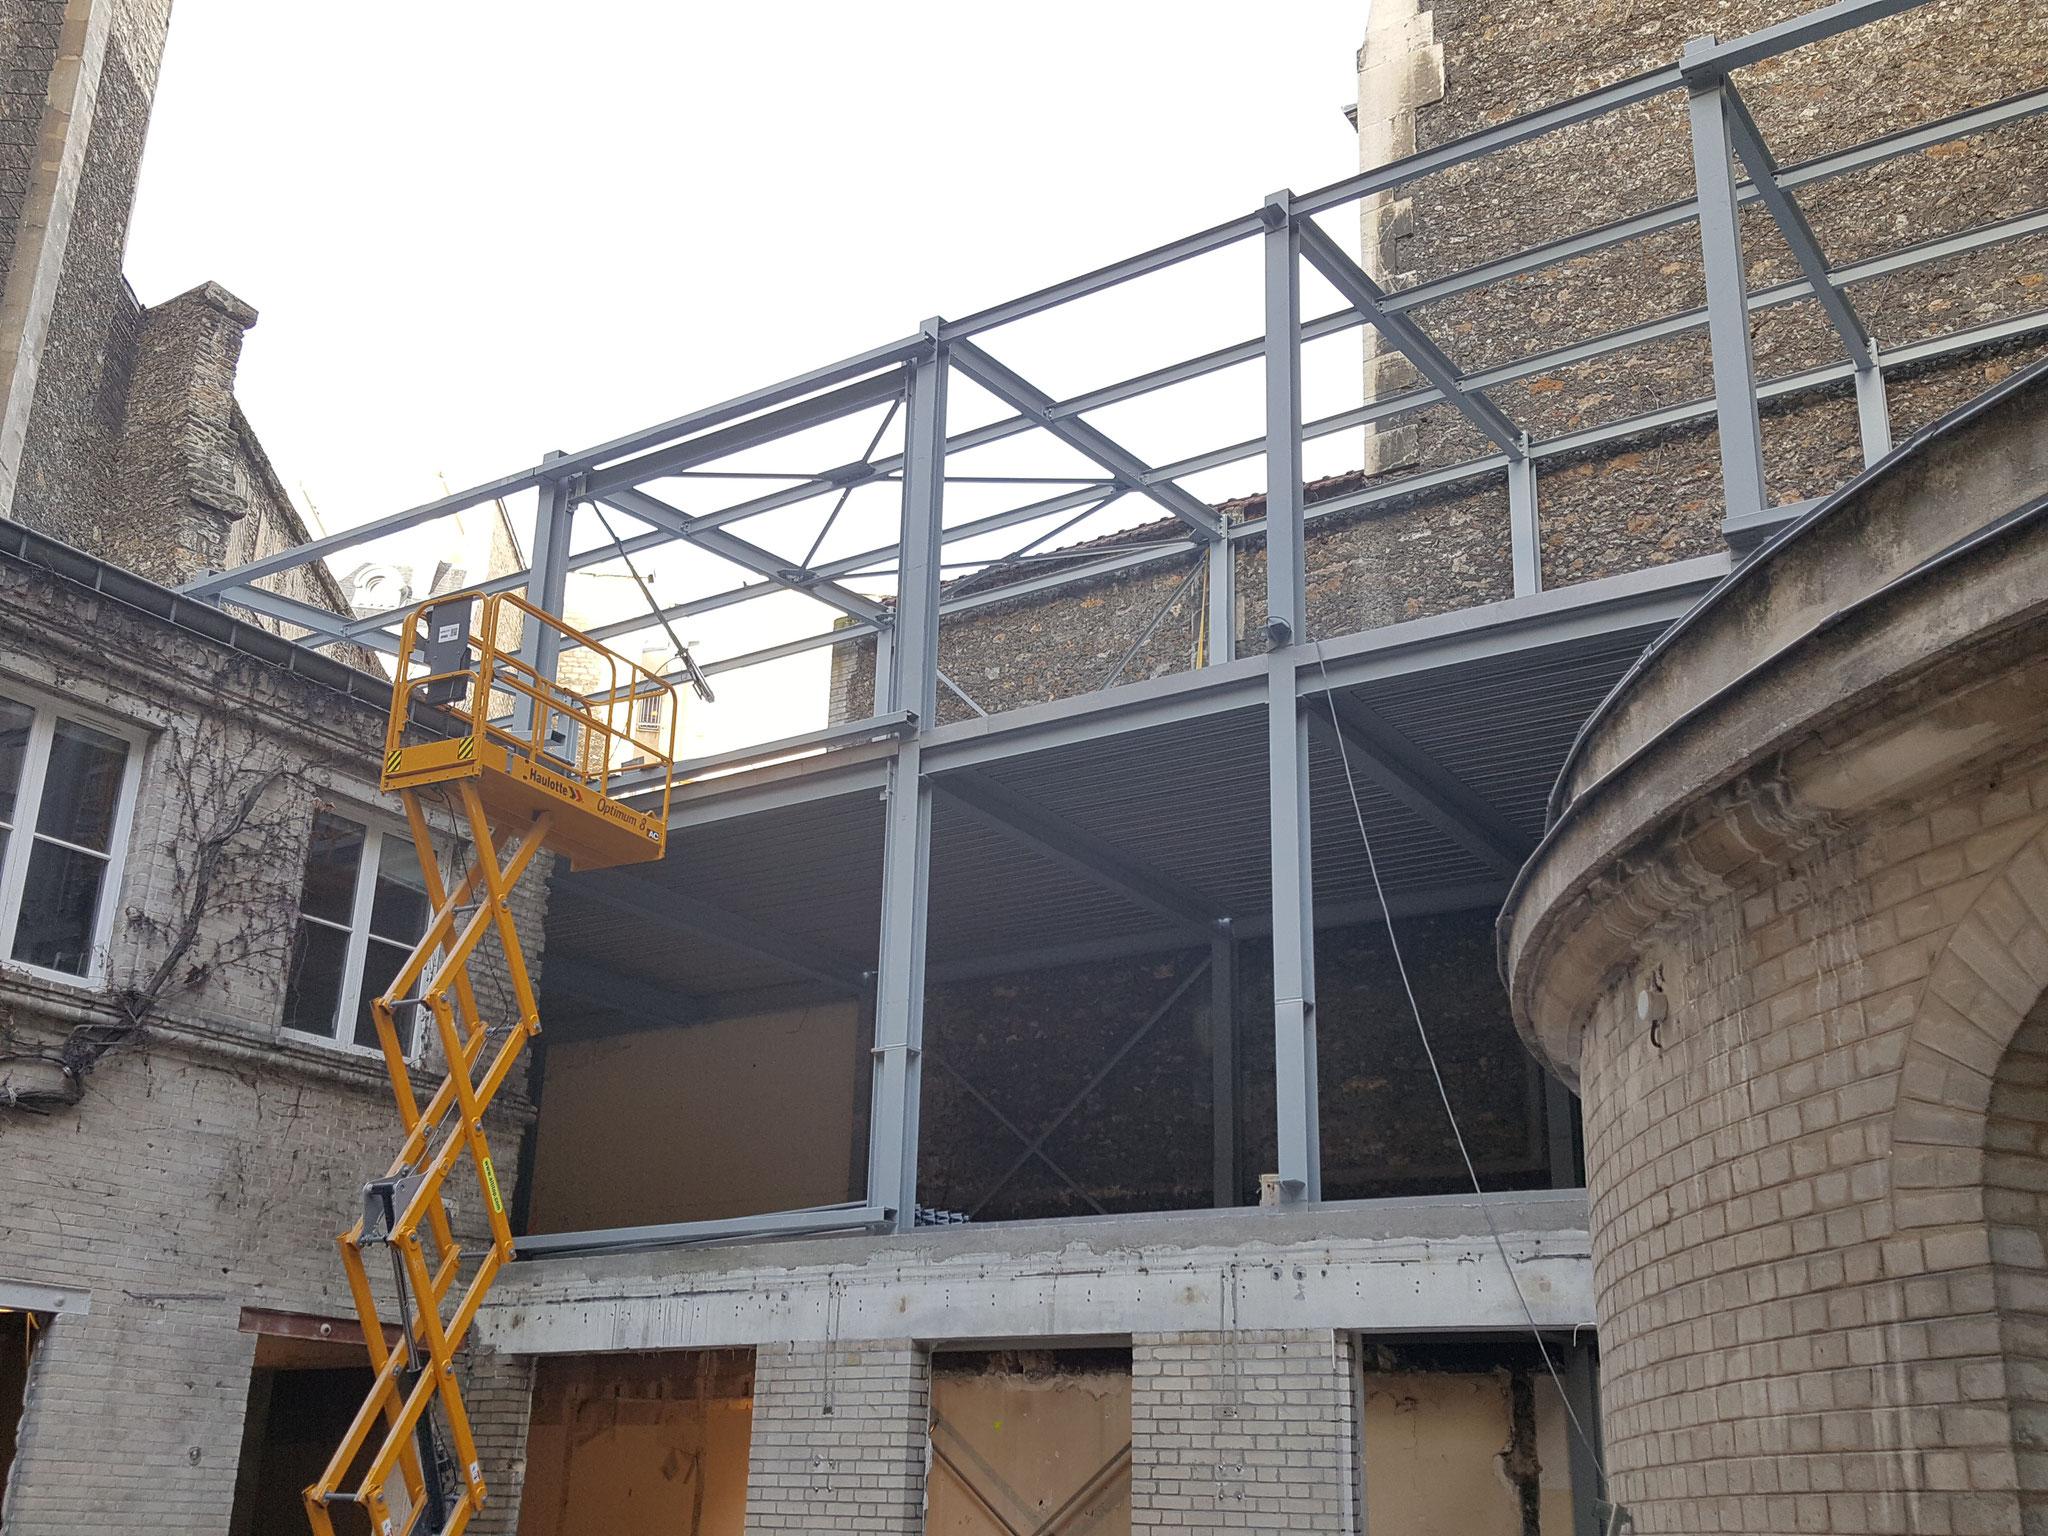 Montage de la structure pour la sur-élévation du bâtiment sur cour